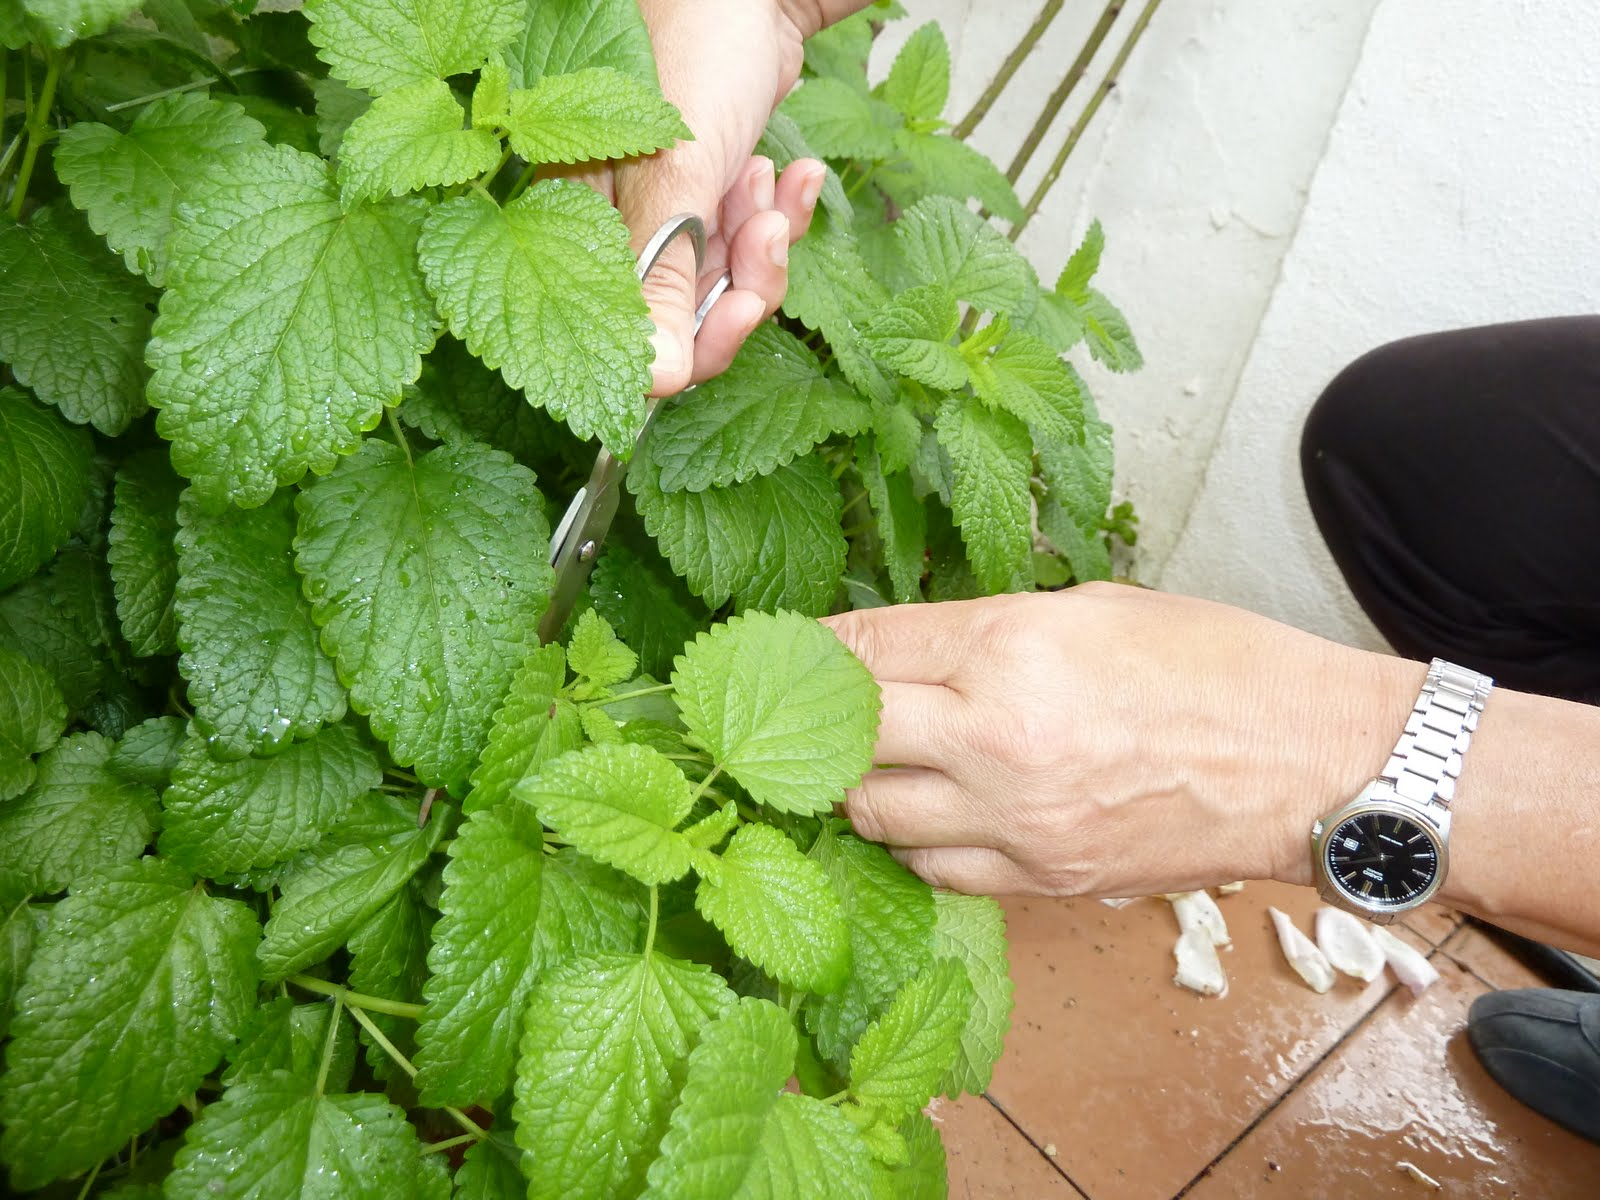 Estudio sobre el jab n resultados de las pruebas for Salsa de hierba luisa